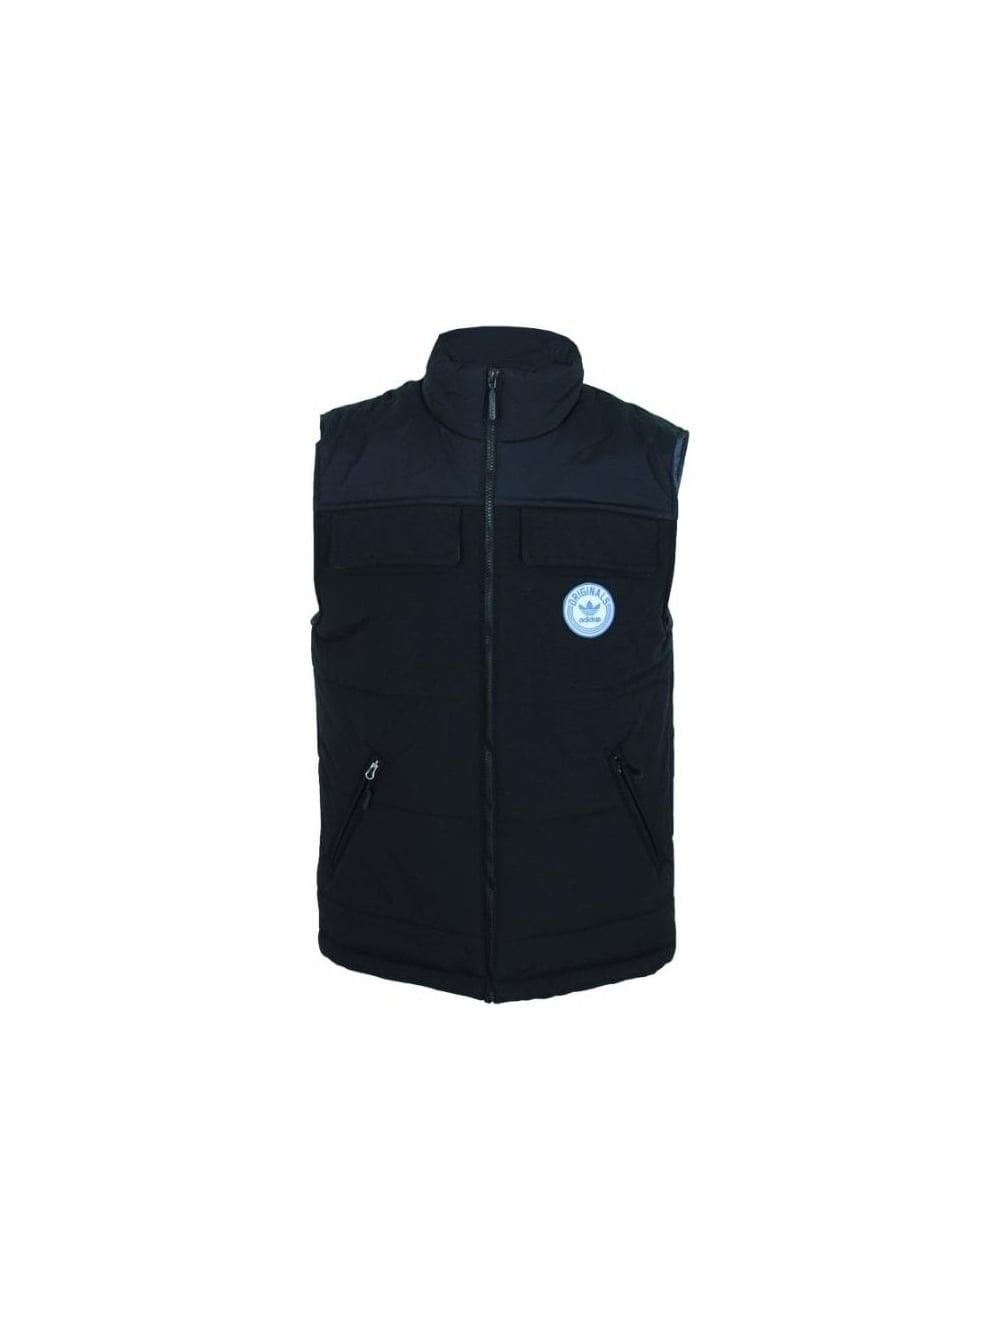 Praezision Vest Black